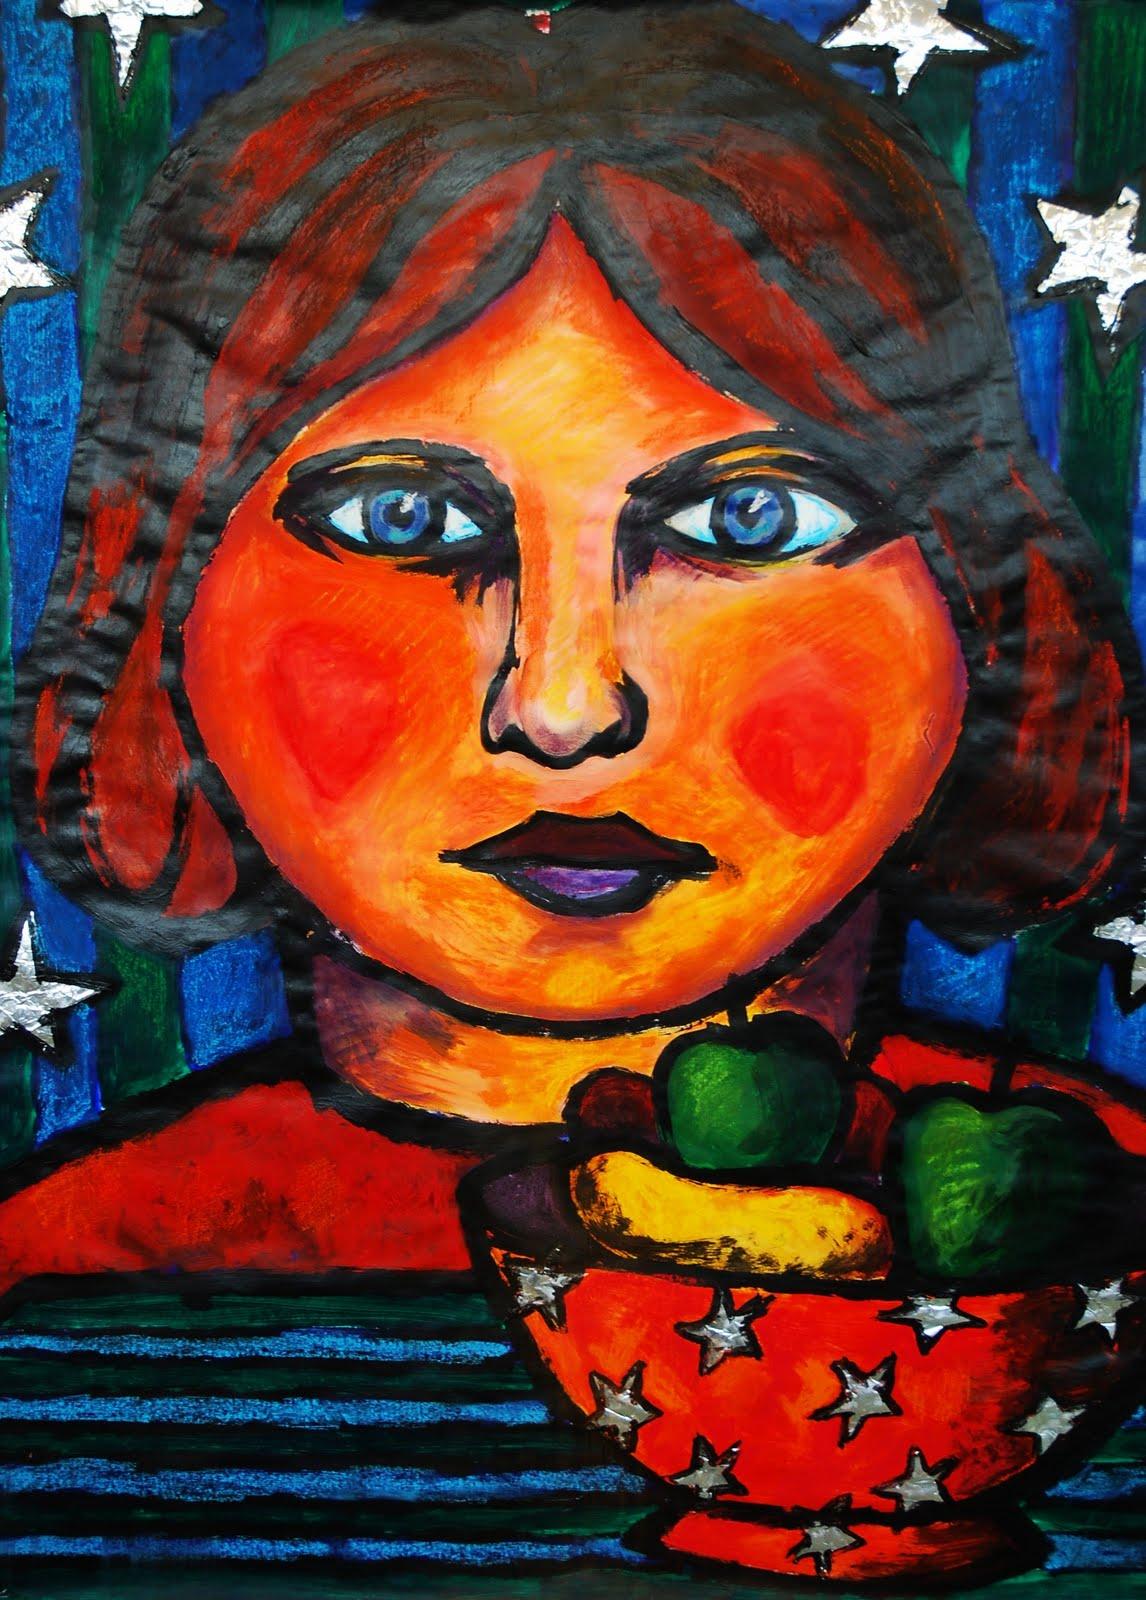 http://1.bp.blogspot.com/_JGMwQh3bN1M/S-0_AKOh9YI/AAAAAAAAAAw/D6aIcRRnzP8/s1600/DSC_3585.JPG